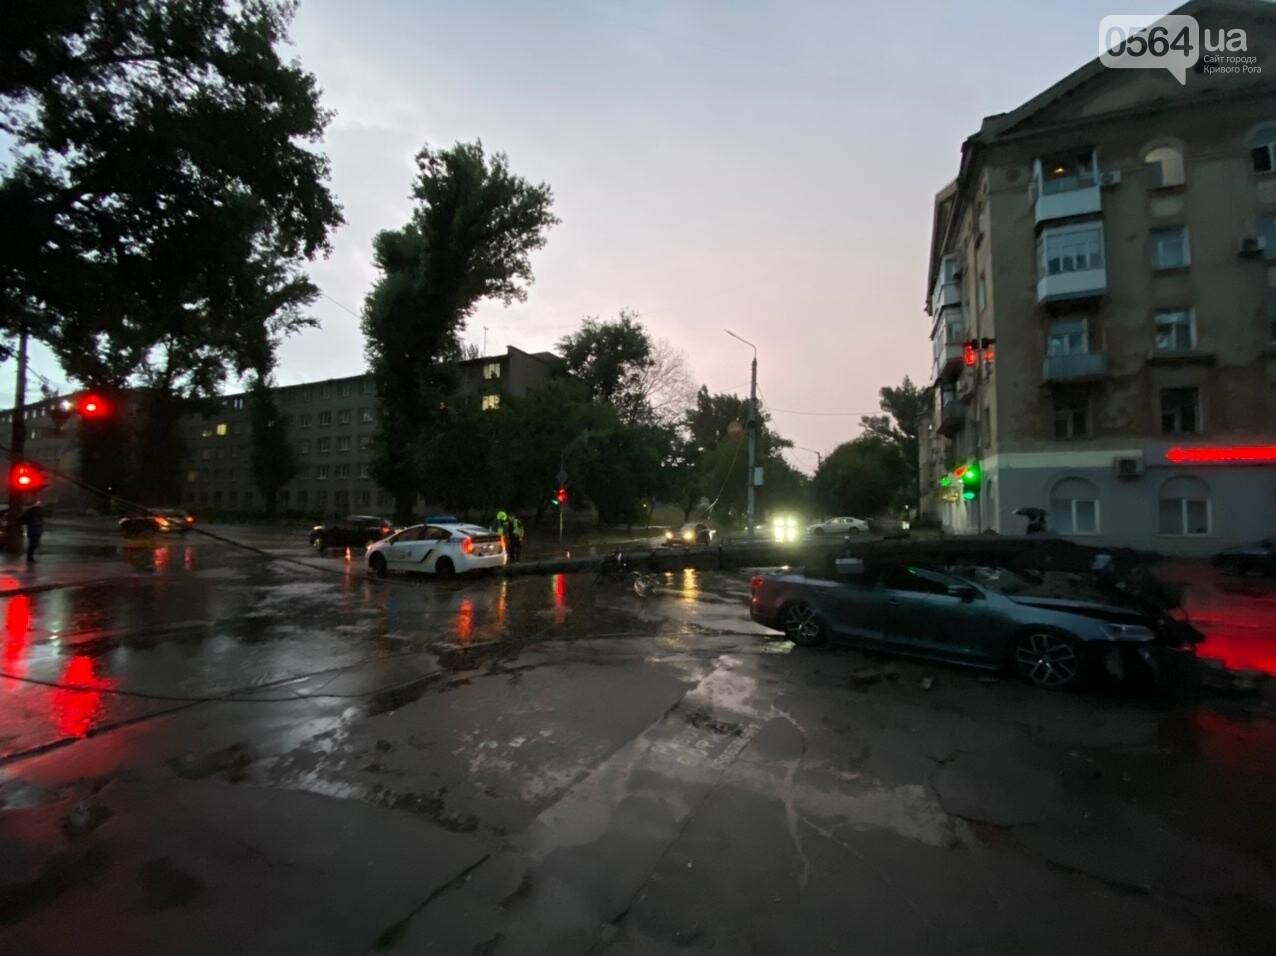 Во время дождя в Кривом Роге Volkswagen снес столб, - ФОТО, фото-11